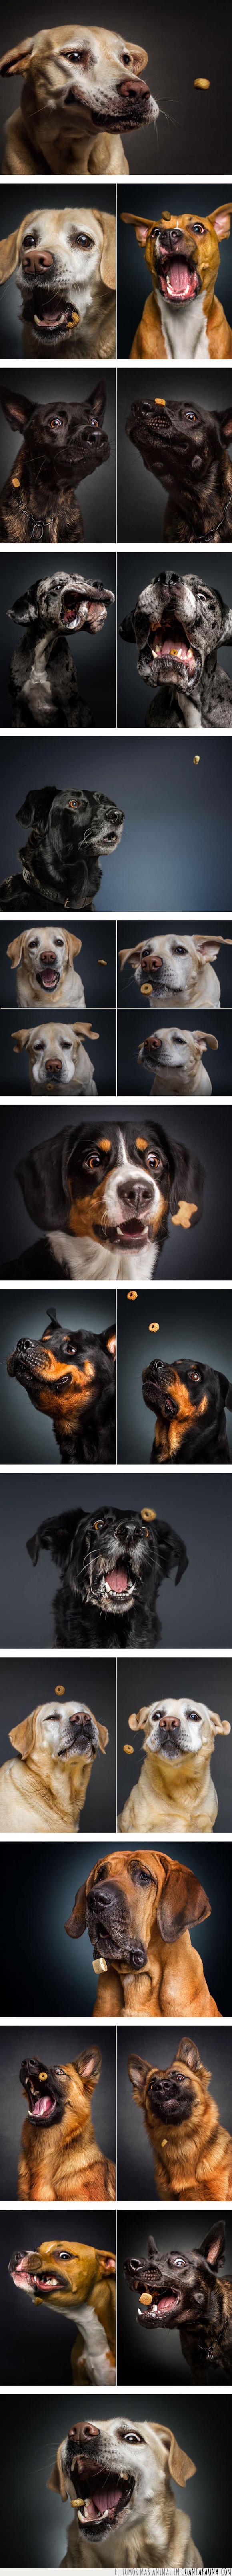 comida,fotos,perros